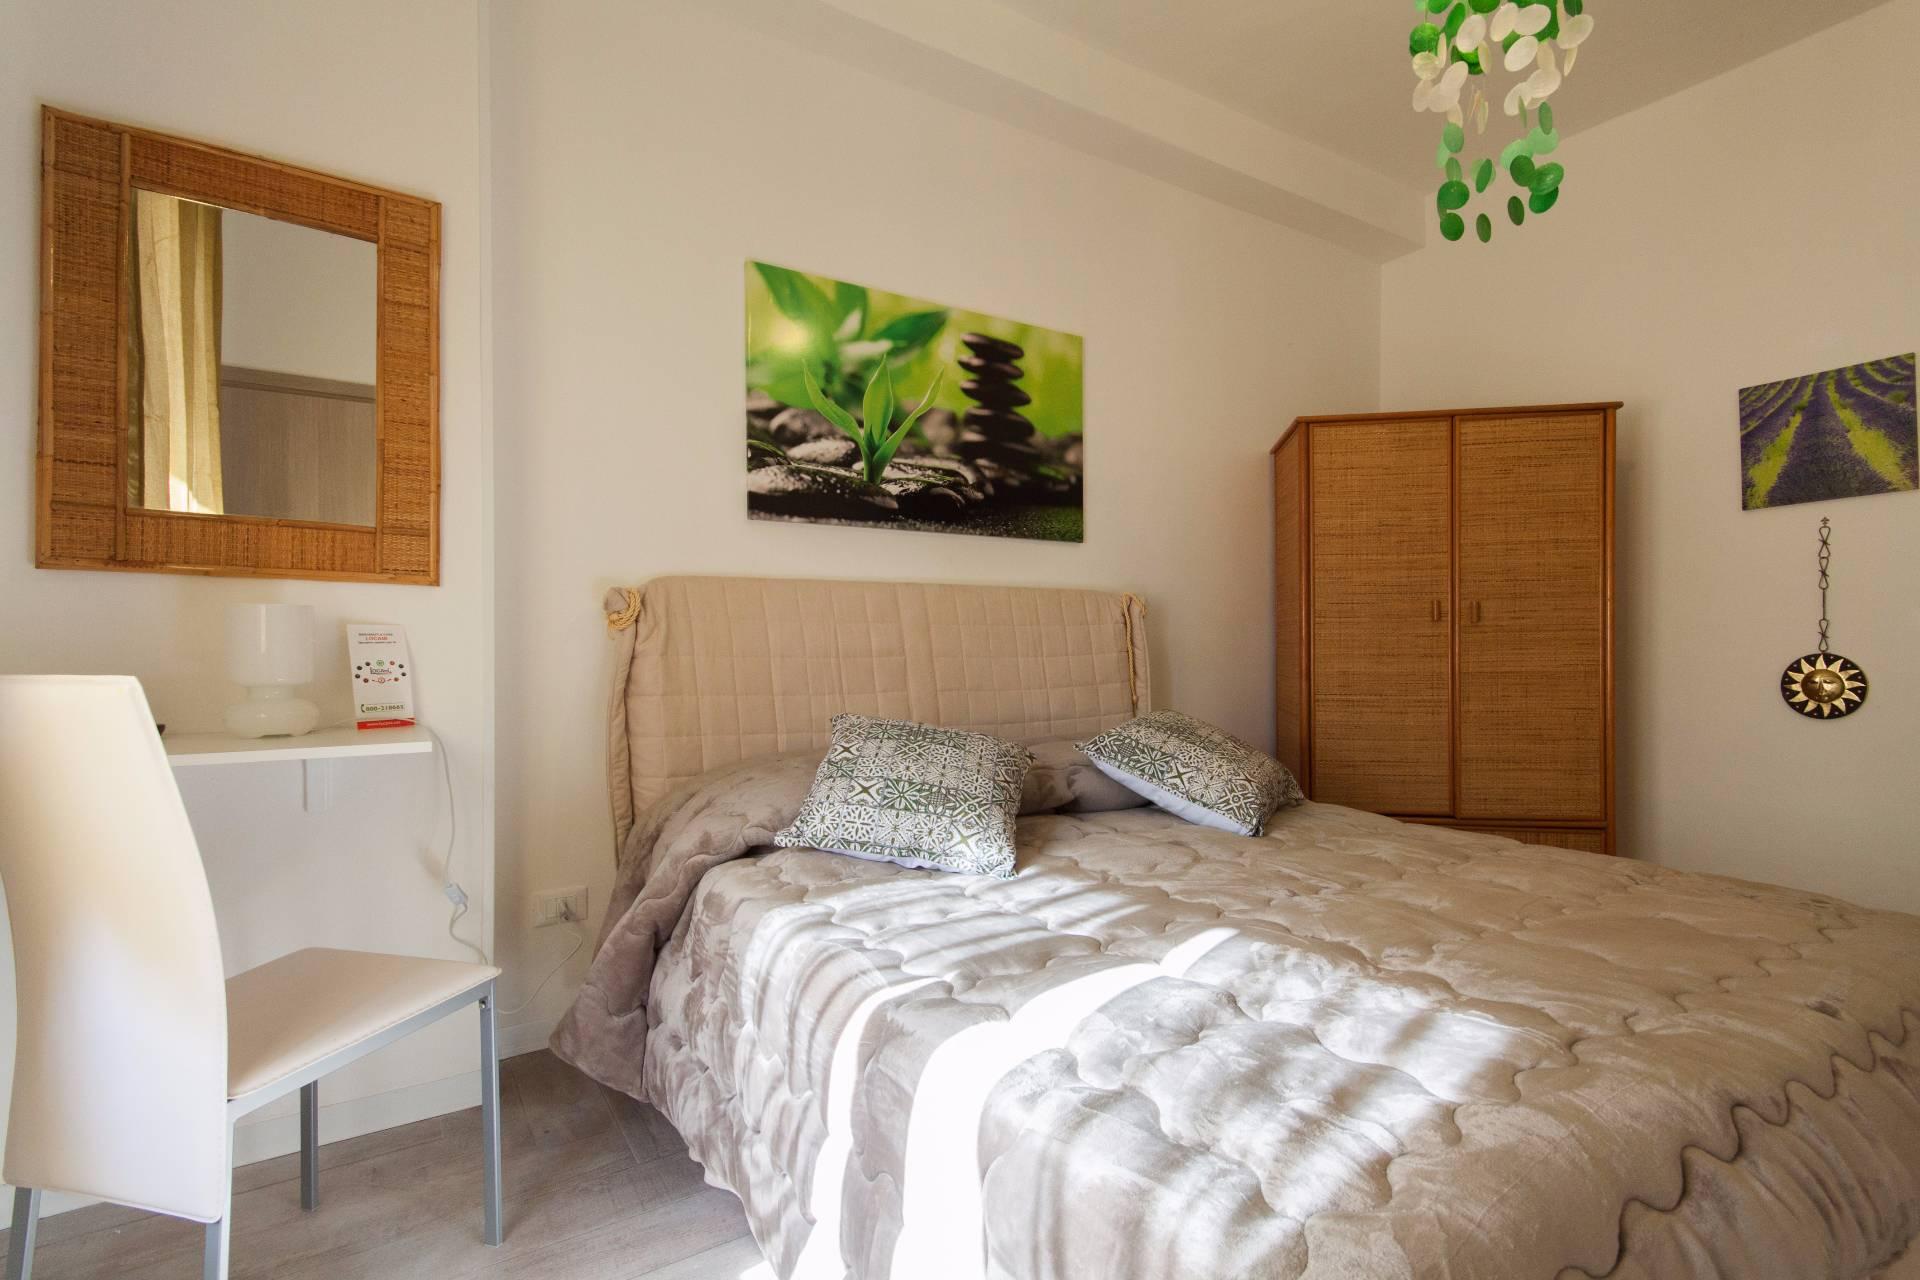 Immobile Turistico in affitto a Palermo, 1 locali, prezzo € 29   CambioCasa.it